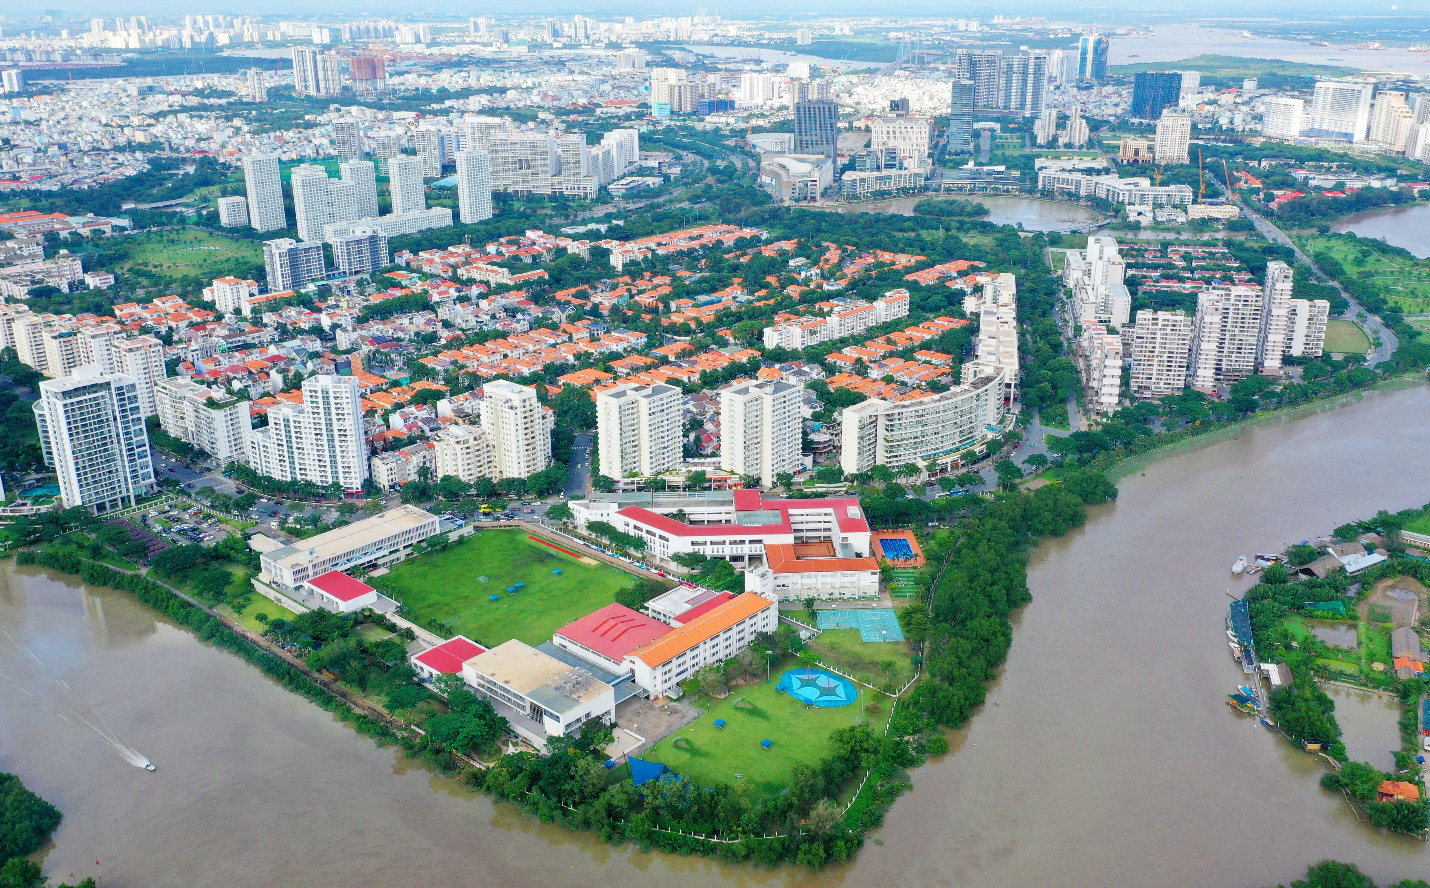 Khu đô thị Phú Mỹ Hưng trở thành hạt nhân phát triển của khu vực phía Nam Thành phố